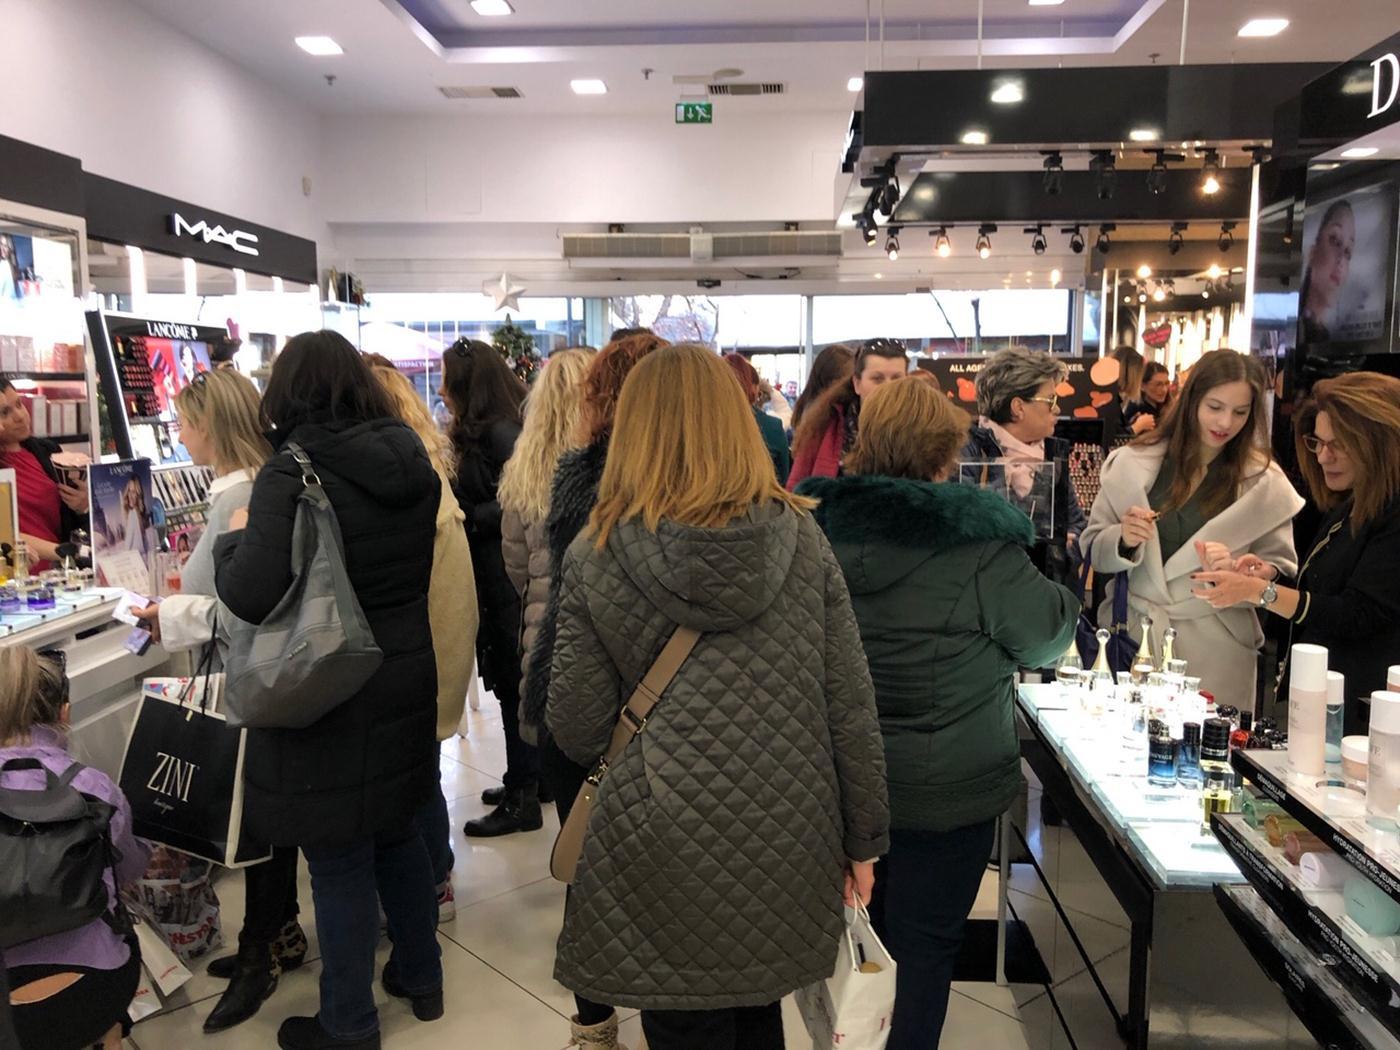 Τελικά η Black Friday στη Λάρισα ήταν μόνον για... γυναίκες; (φωτό)